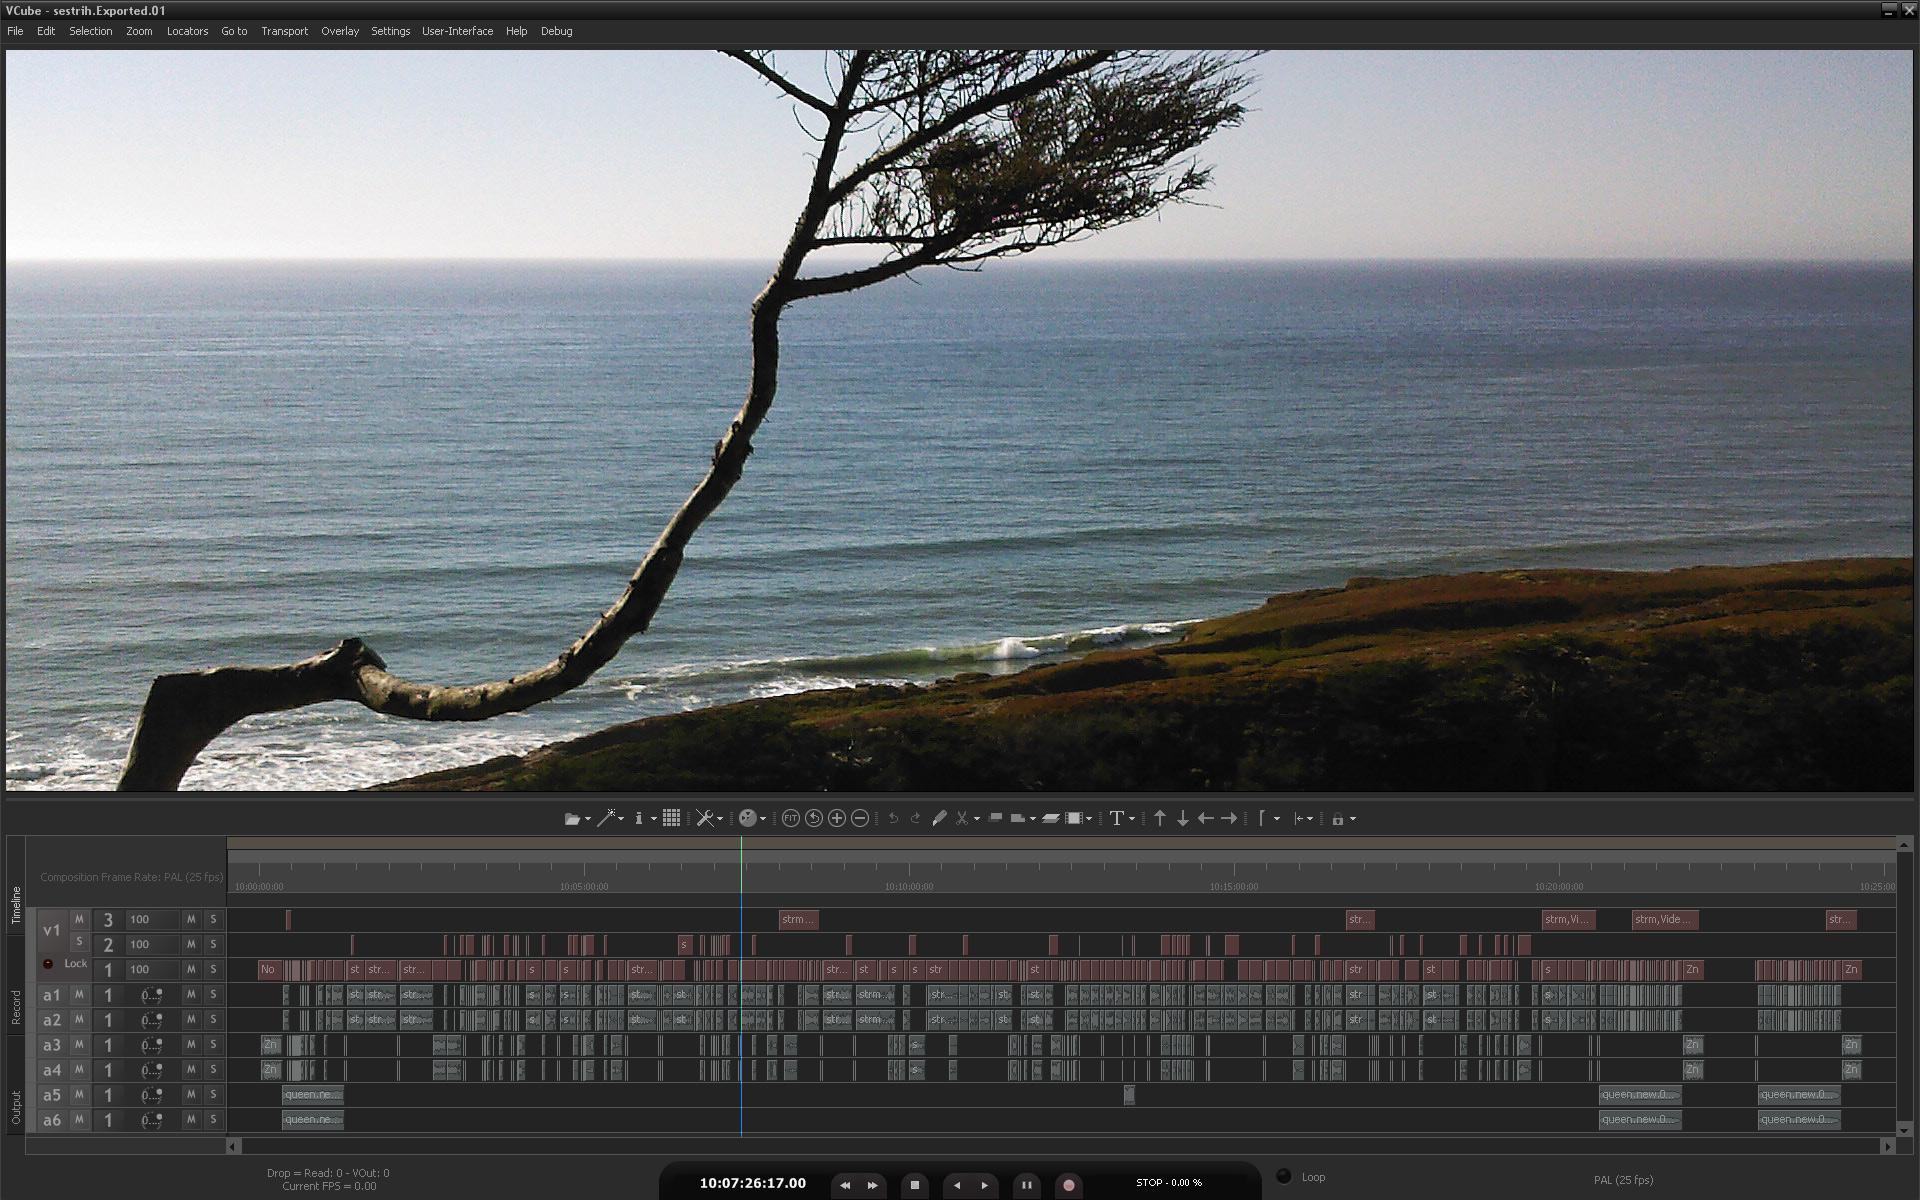 VCube | HD Player